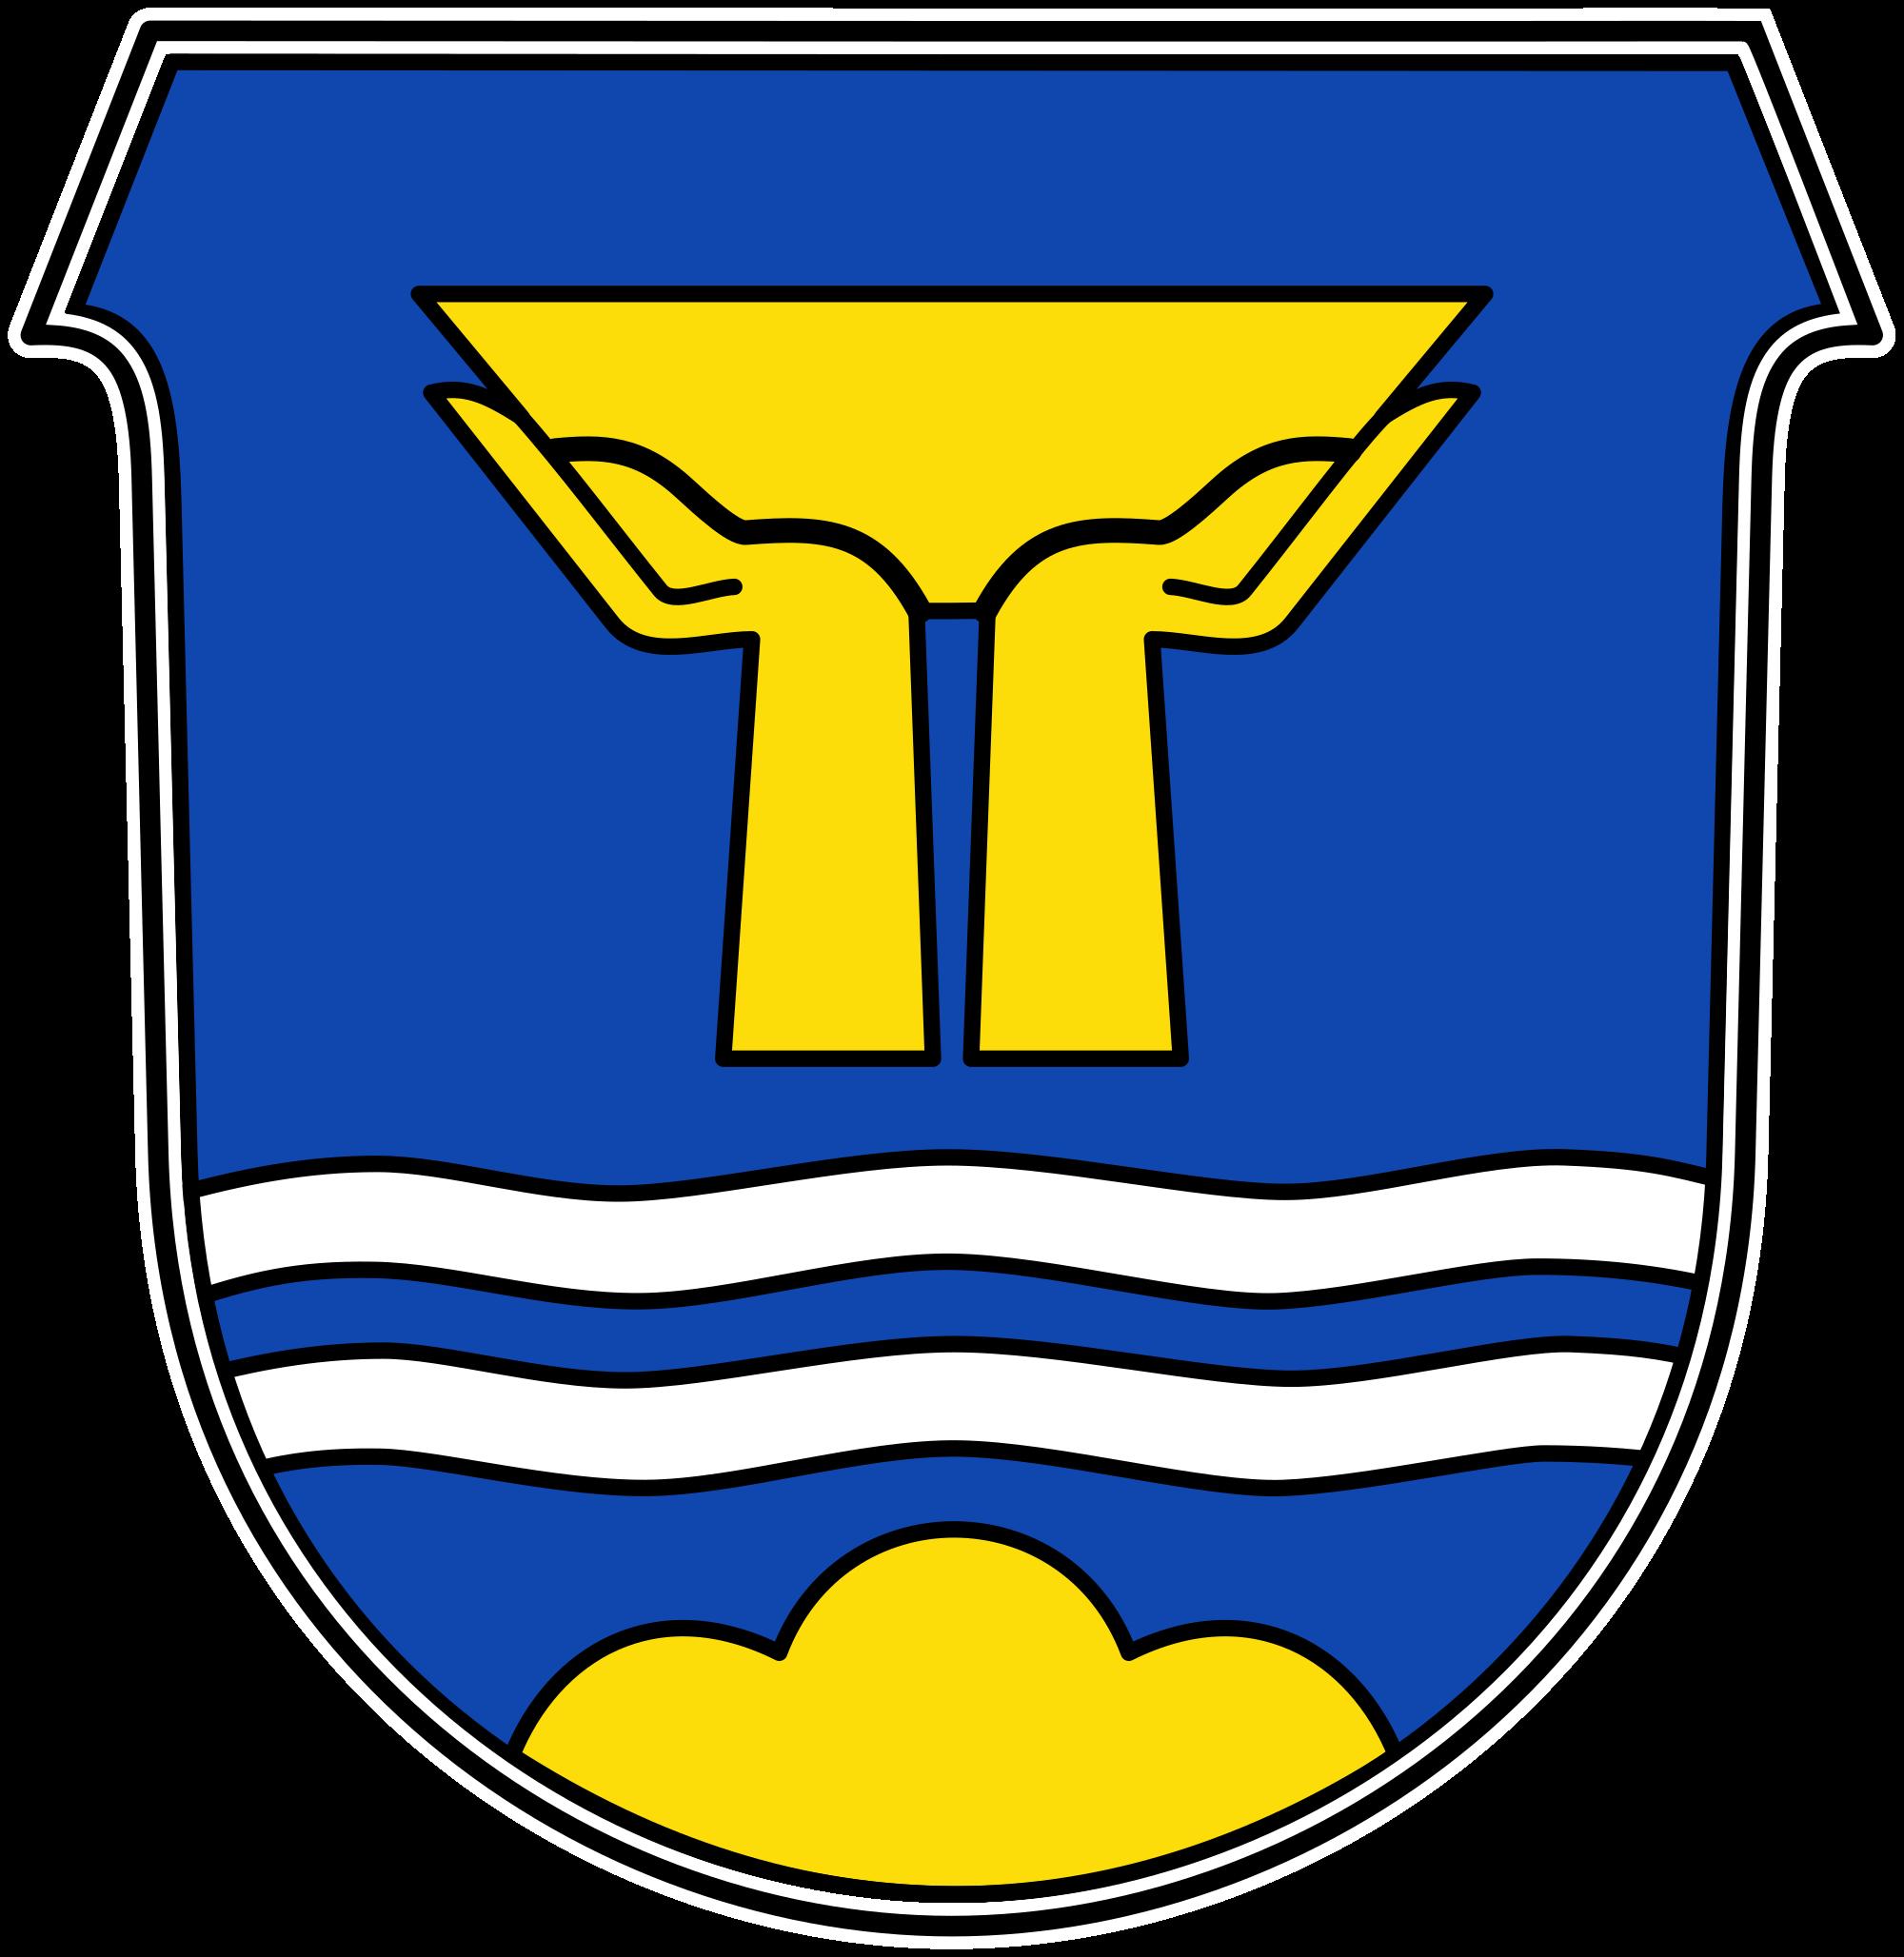 Kur- und Verkehrsverein Bad Wiessee e.V.